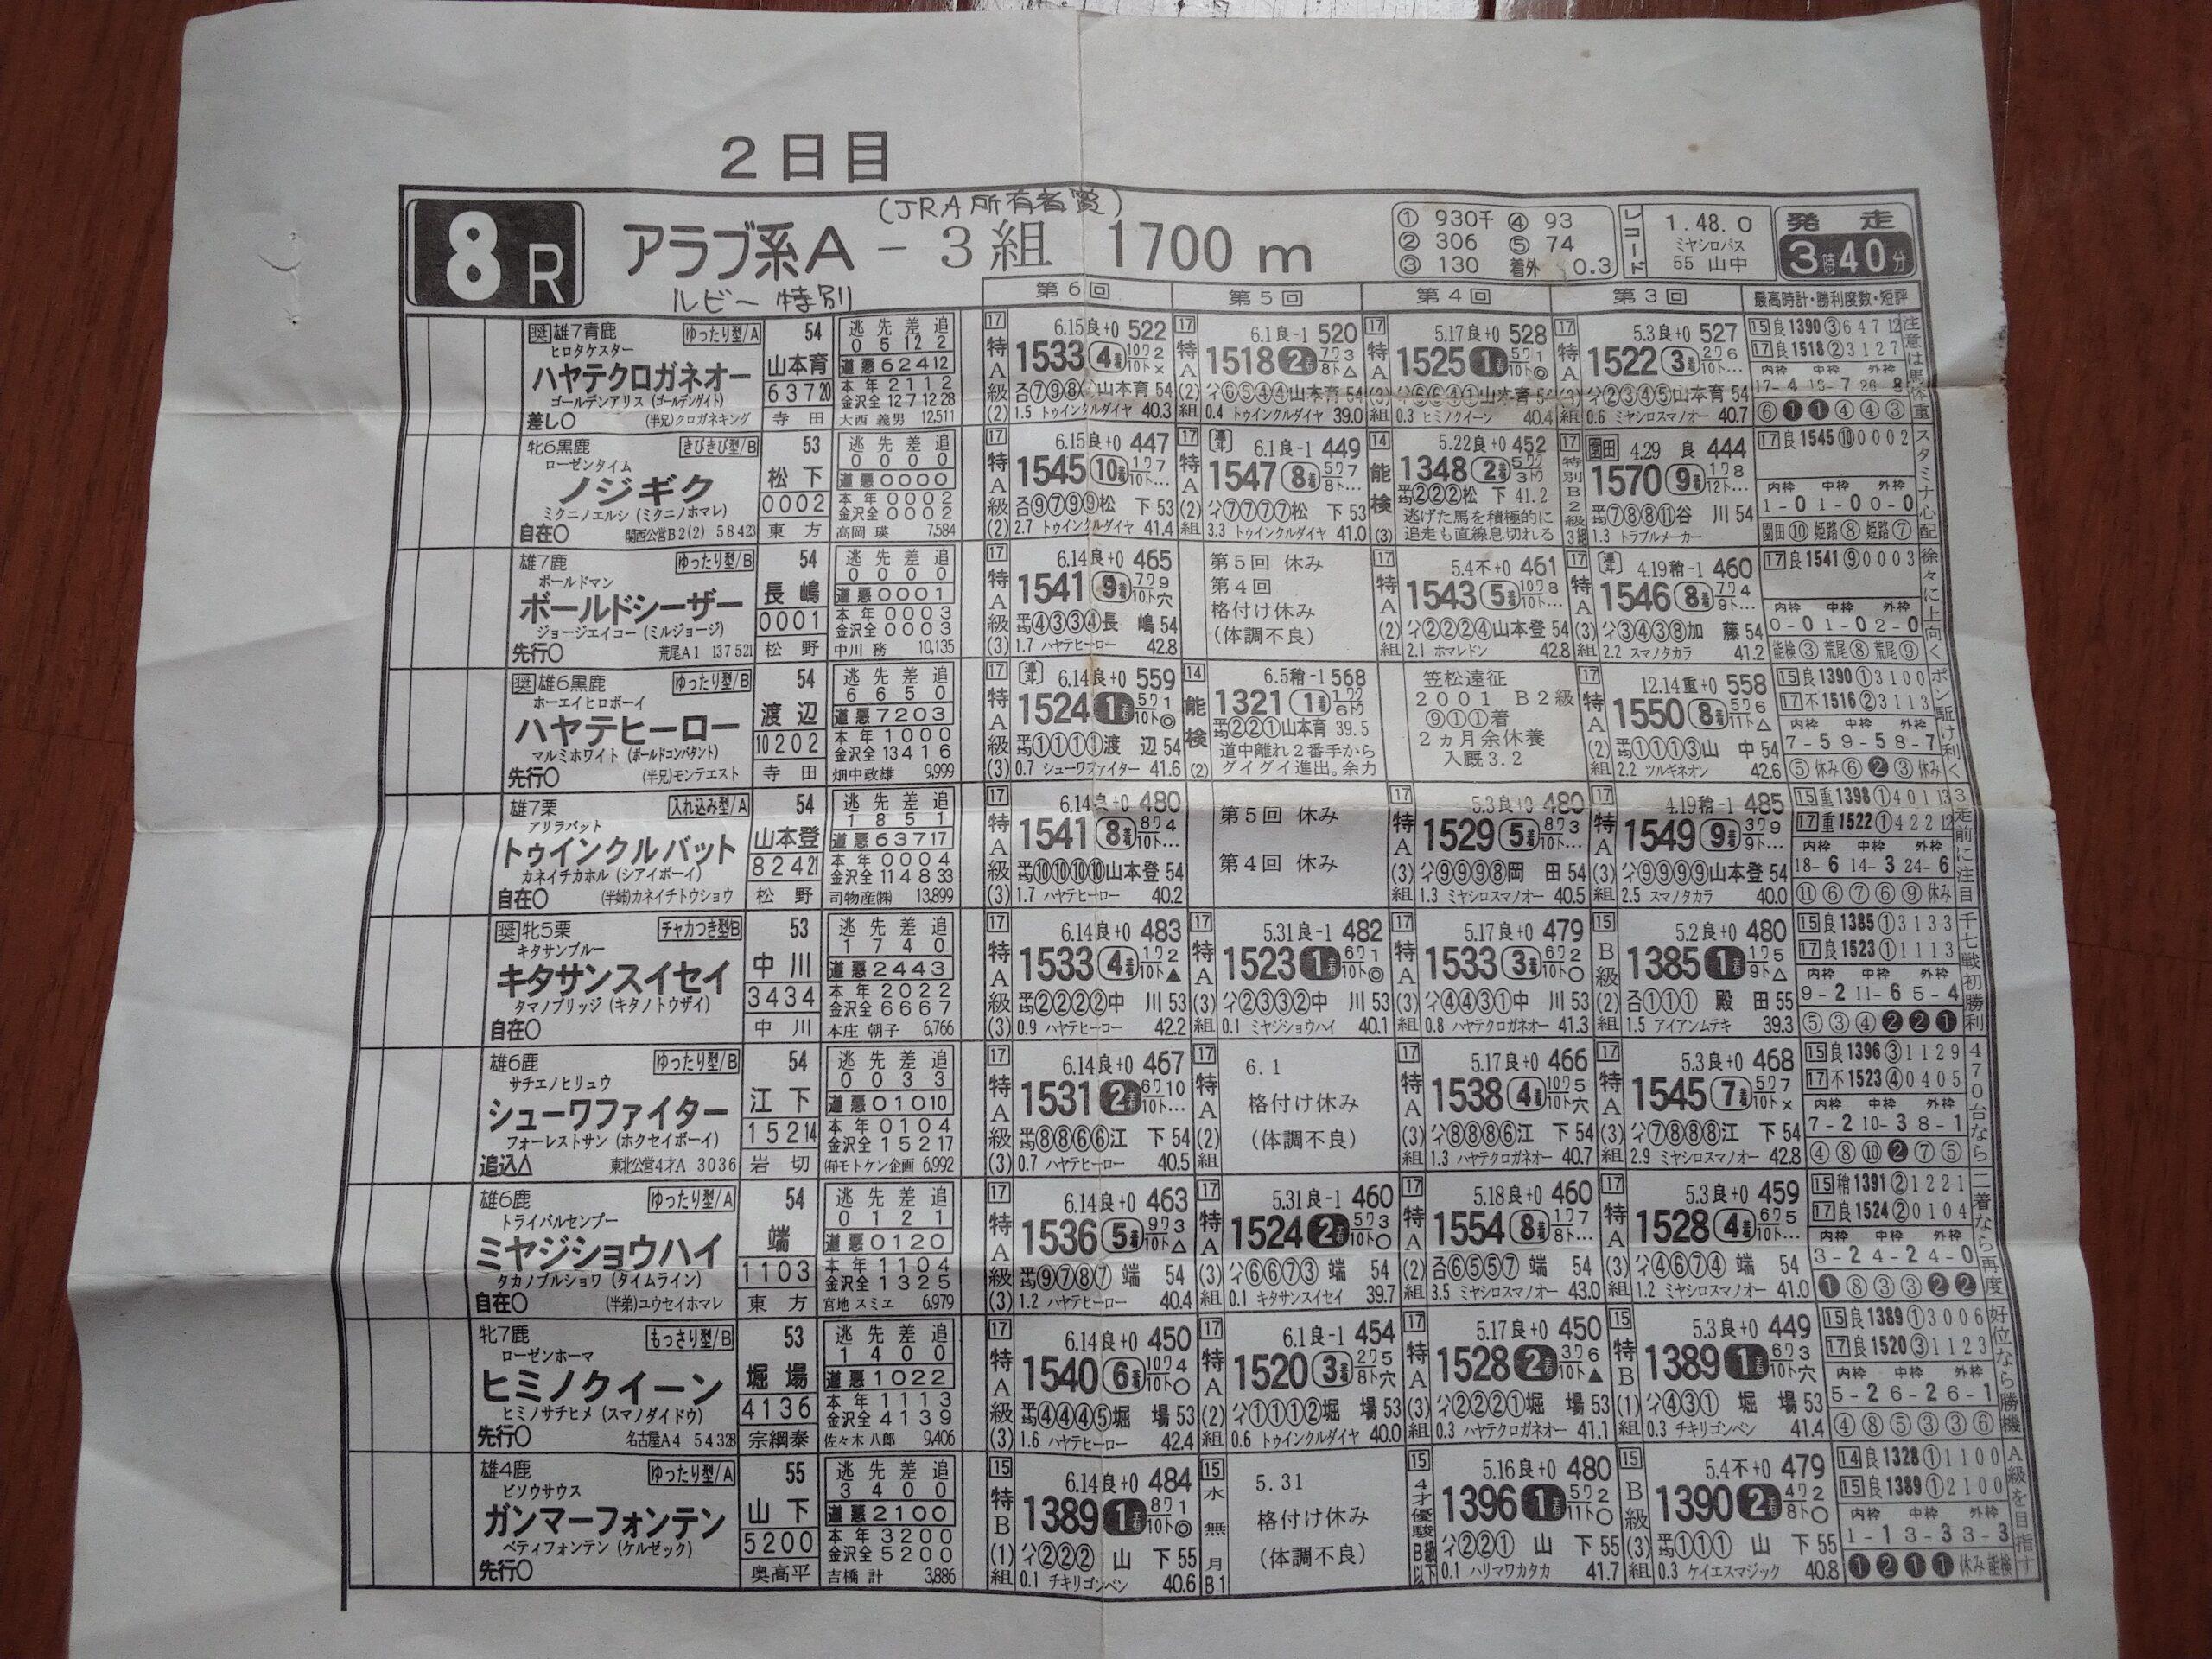 賢き名馬 金沢の名馬ハヤテサカエオーのヒミツ(?)